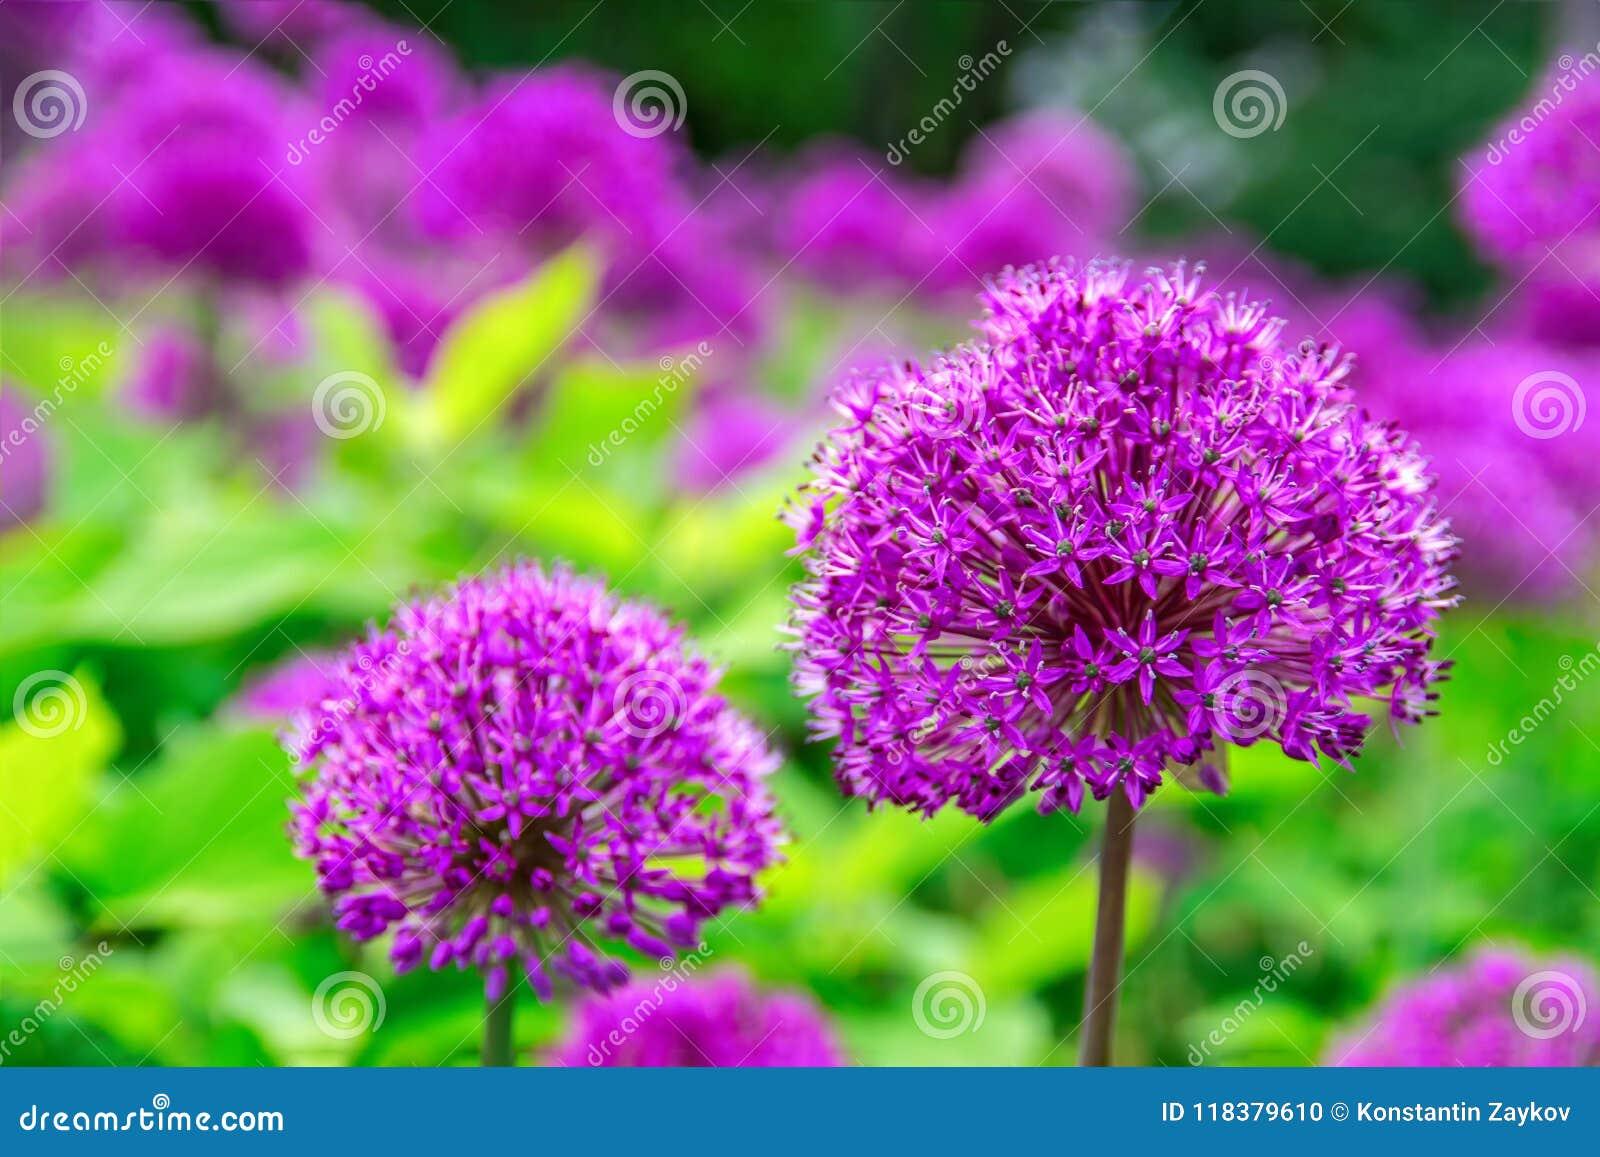 Schöne Blumen der purpurroten Farbe des Zwiebel-Lauchs, Garten, Natur, Frühling vibrierende purpurrote Blume der Kugel ähnlichen